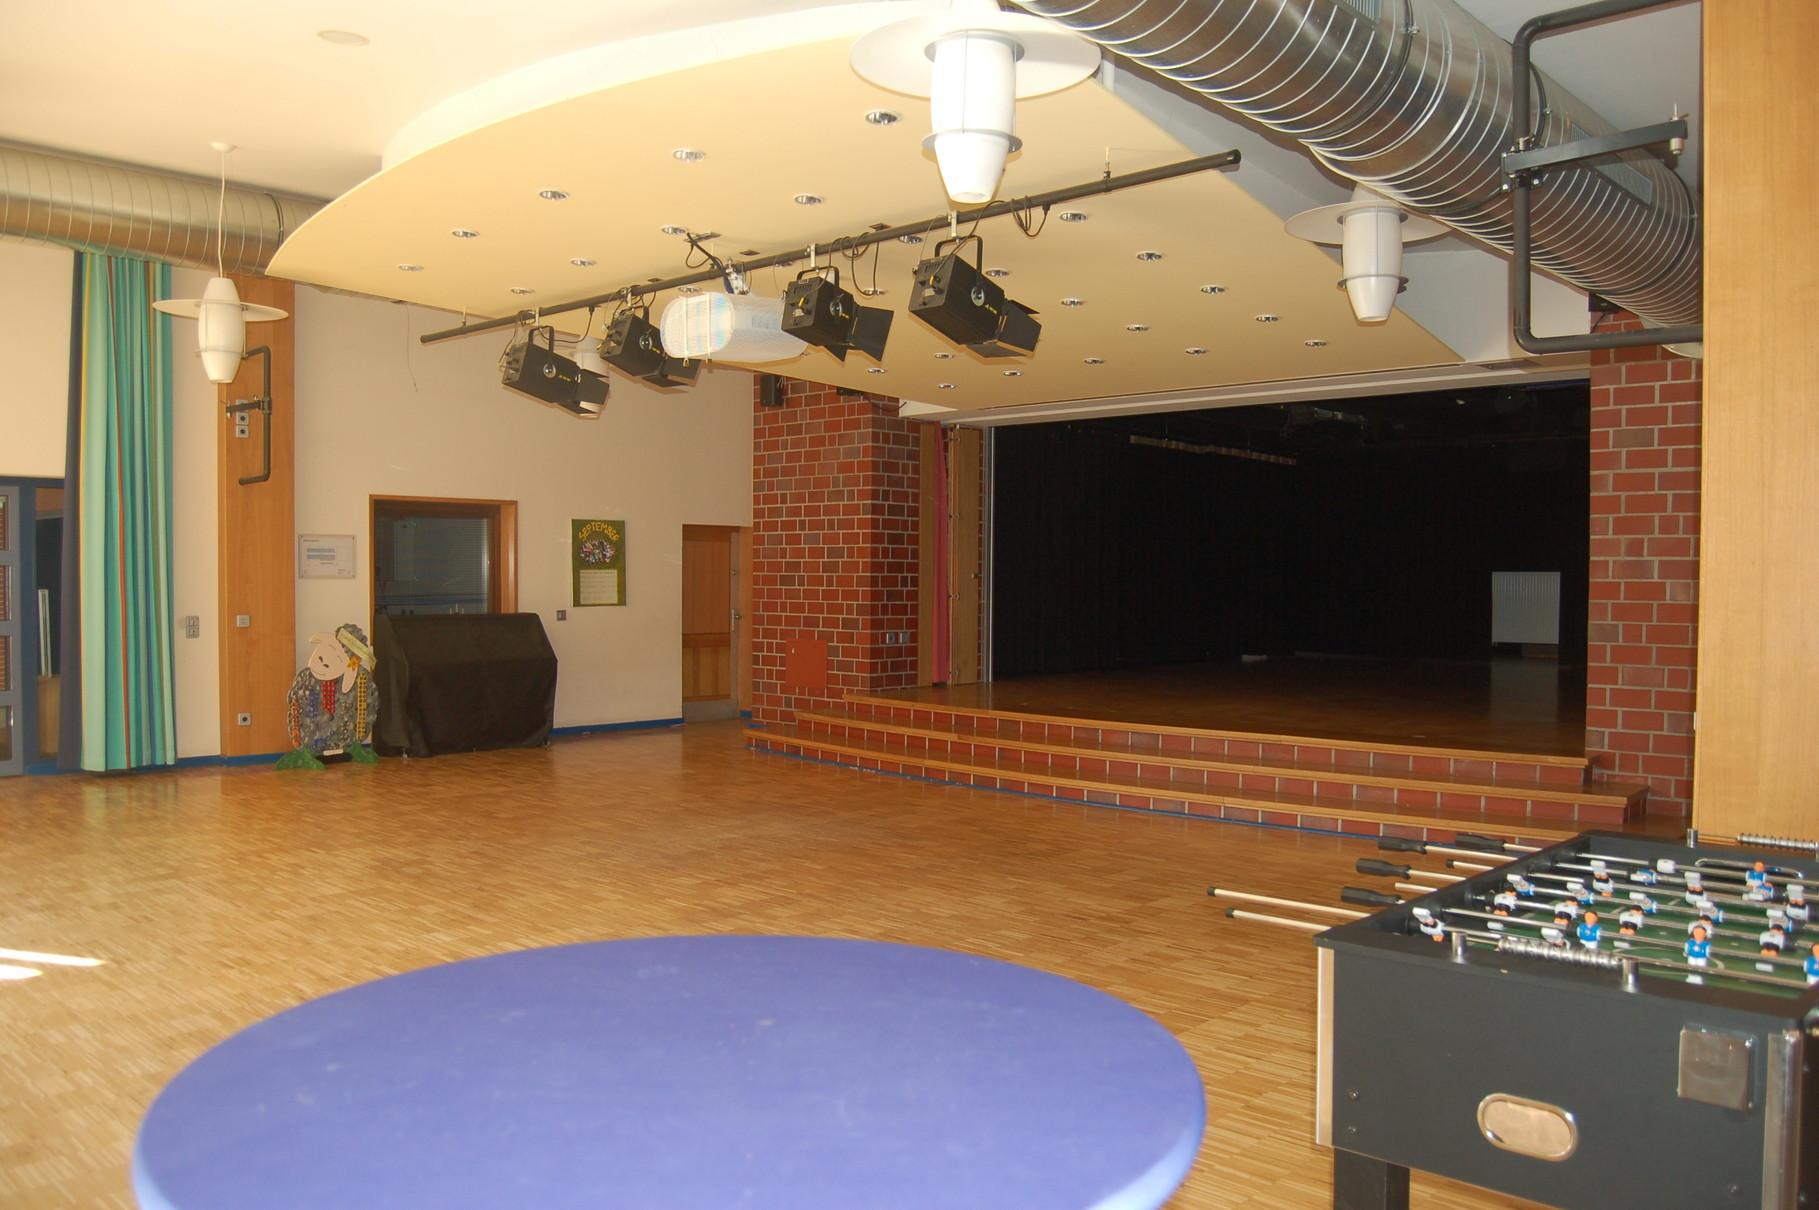 Aula mit Bühne